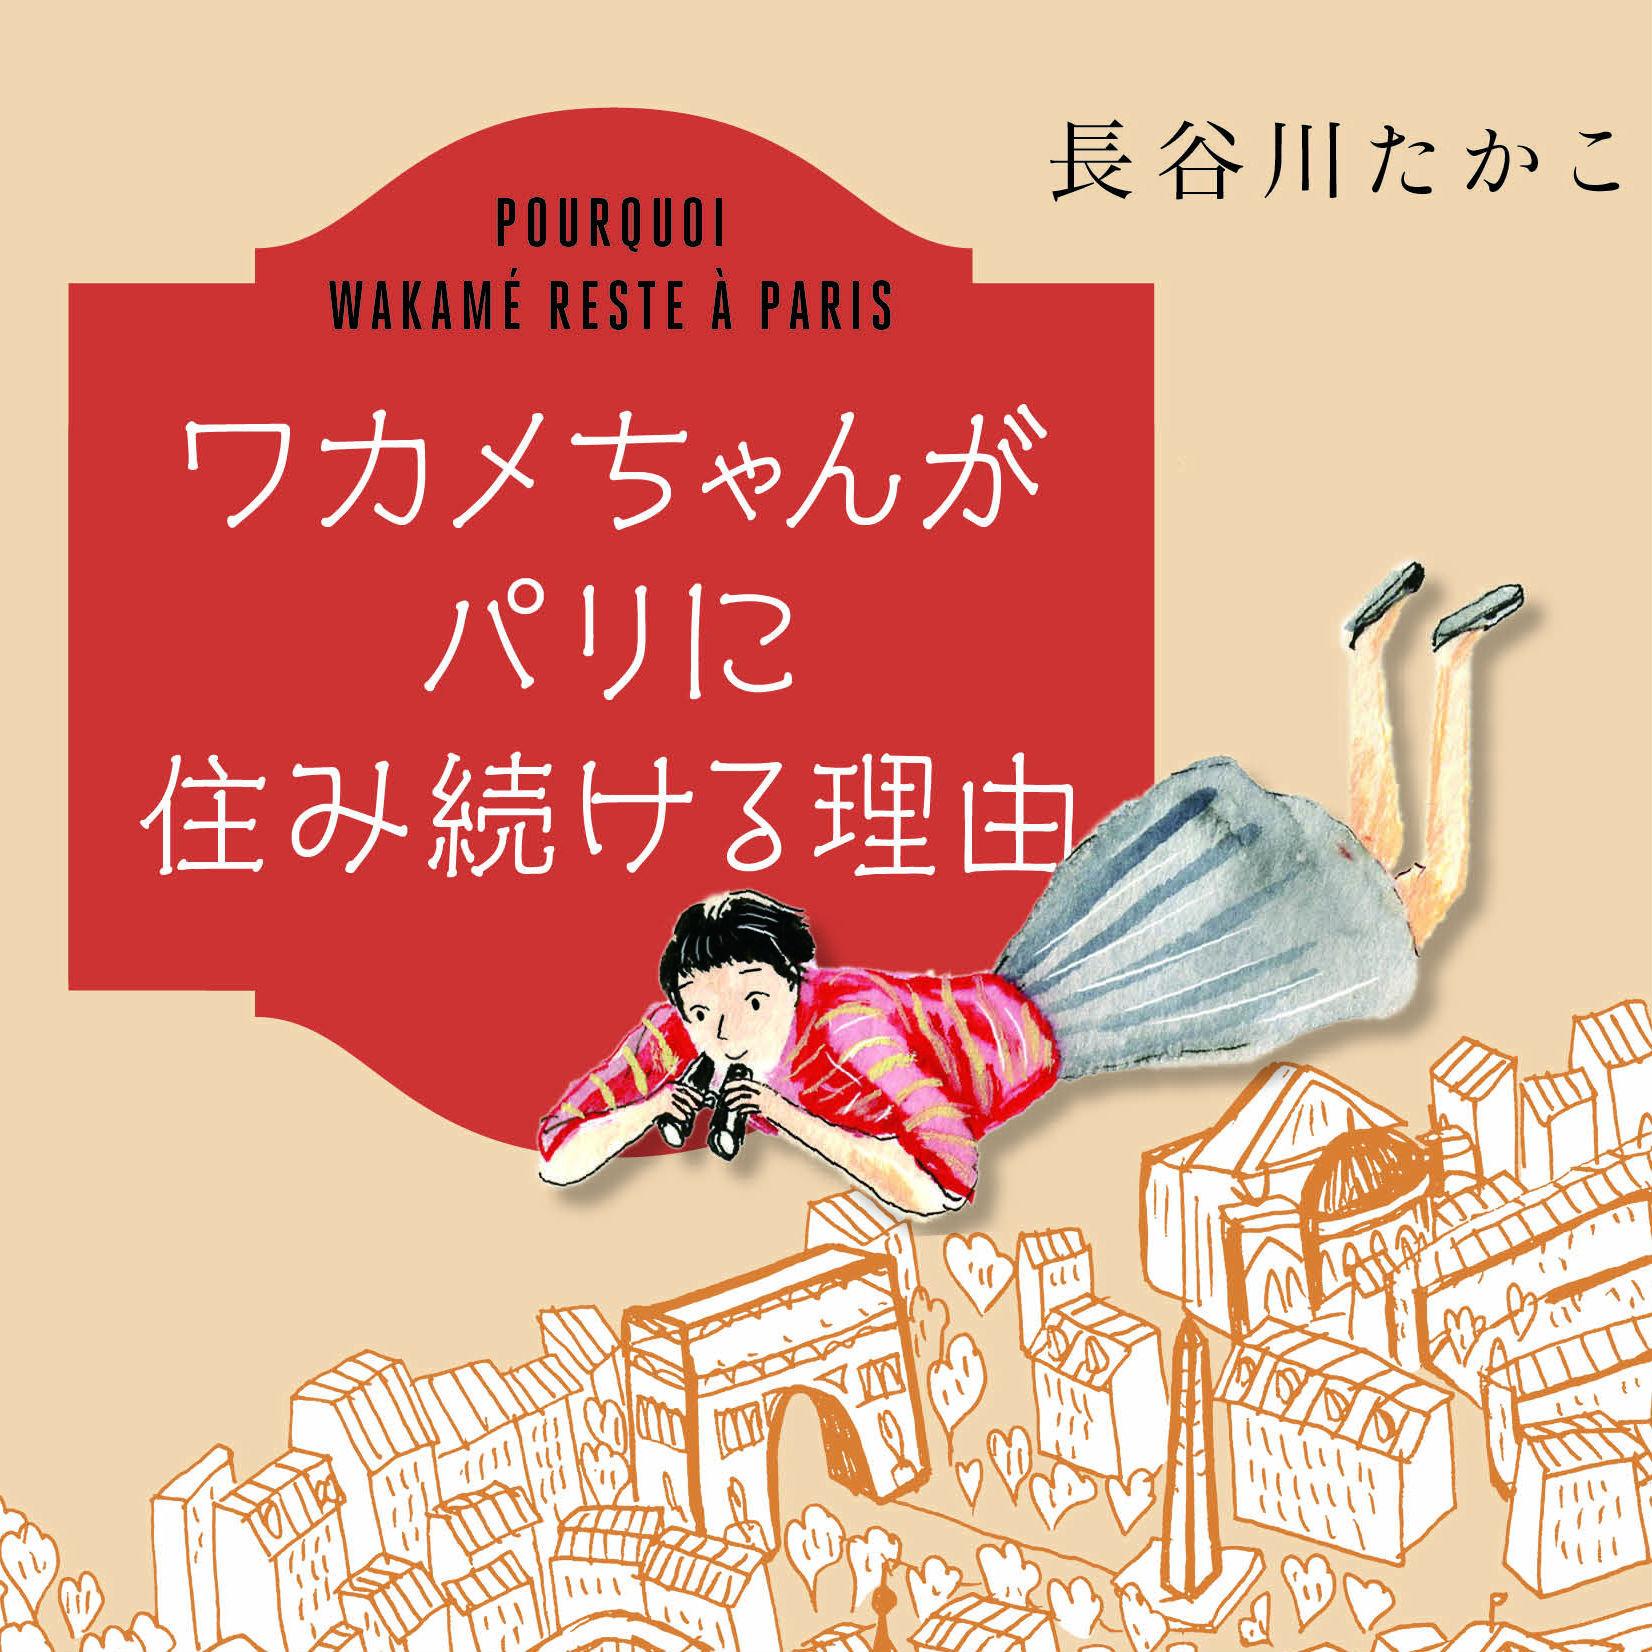 ワカメちゃんのモデルとなった、長谷川たかこ『ワカメちゃんがパリに住み続ける理由』4月26日発売!